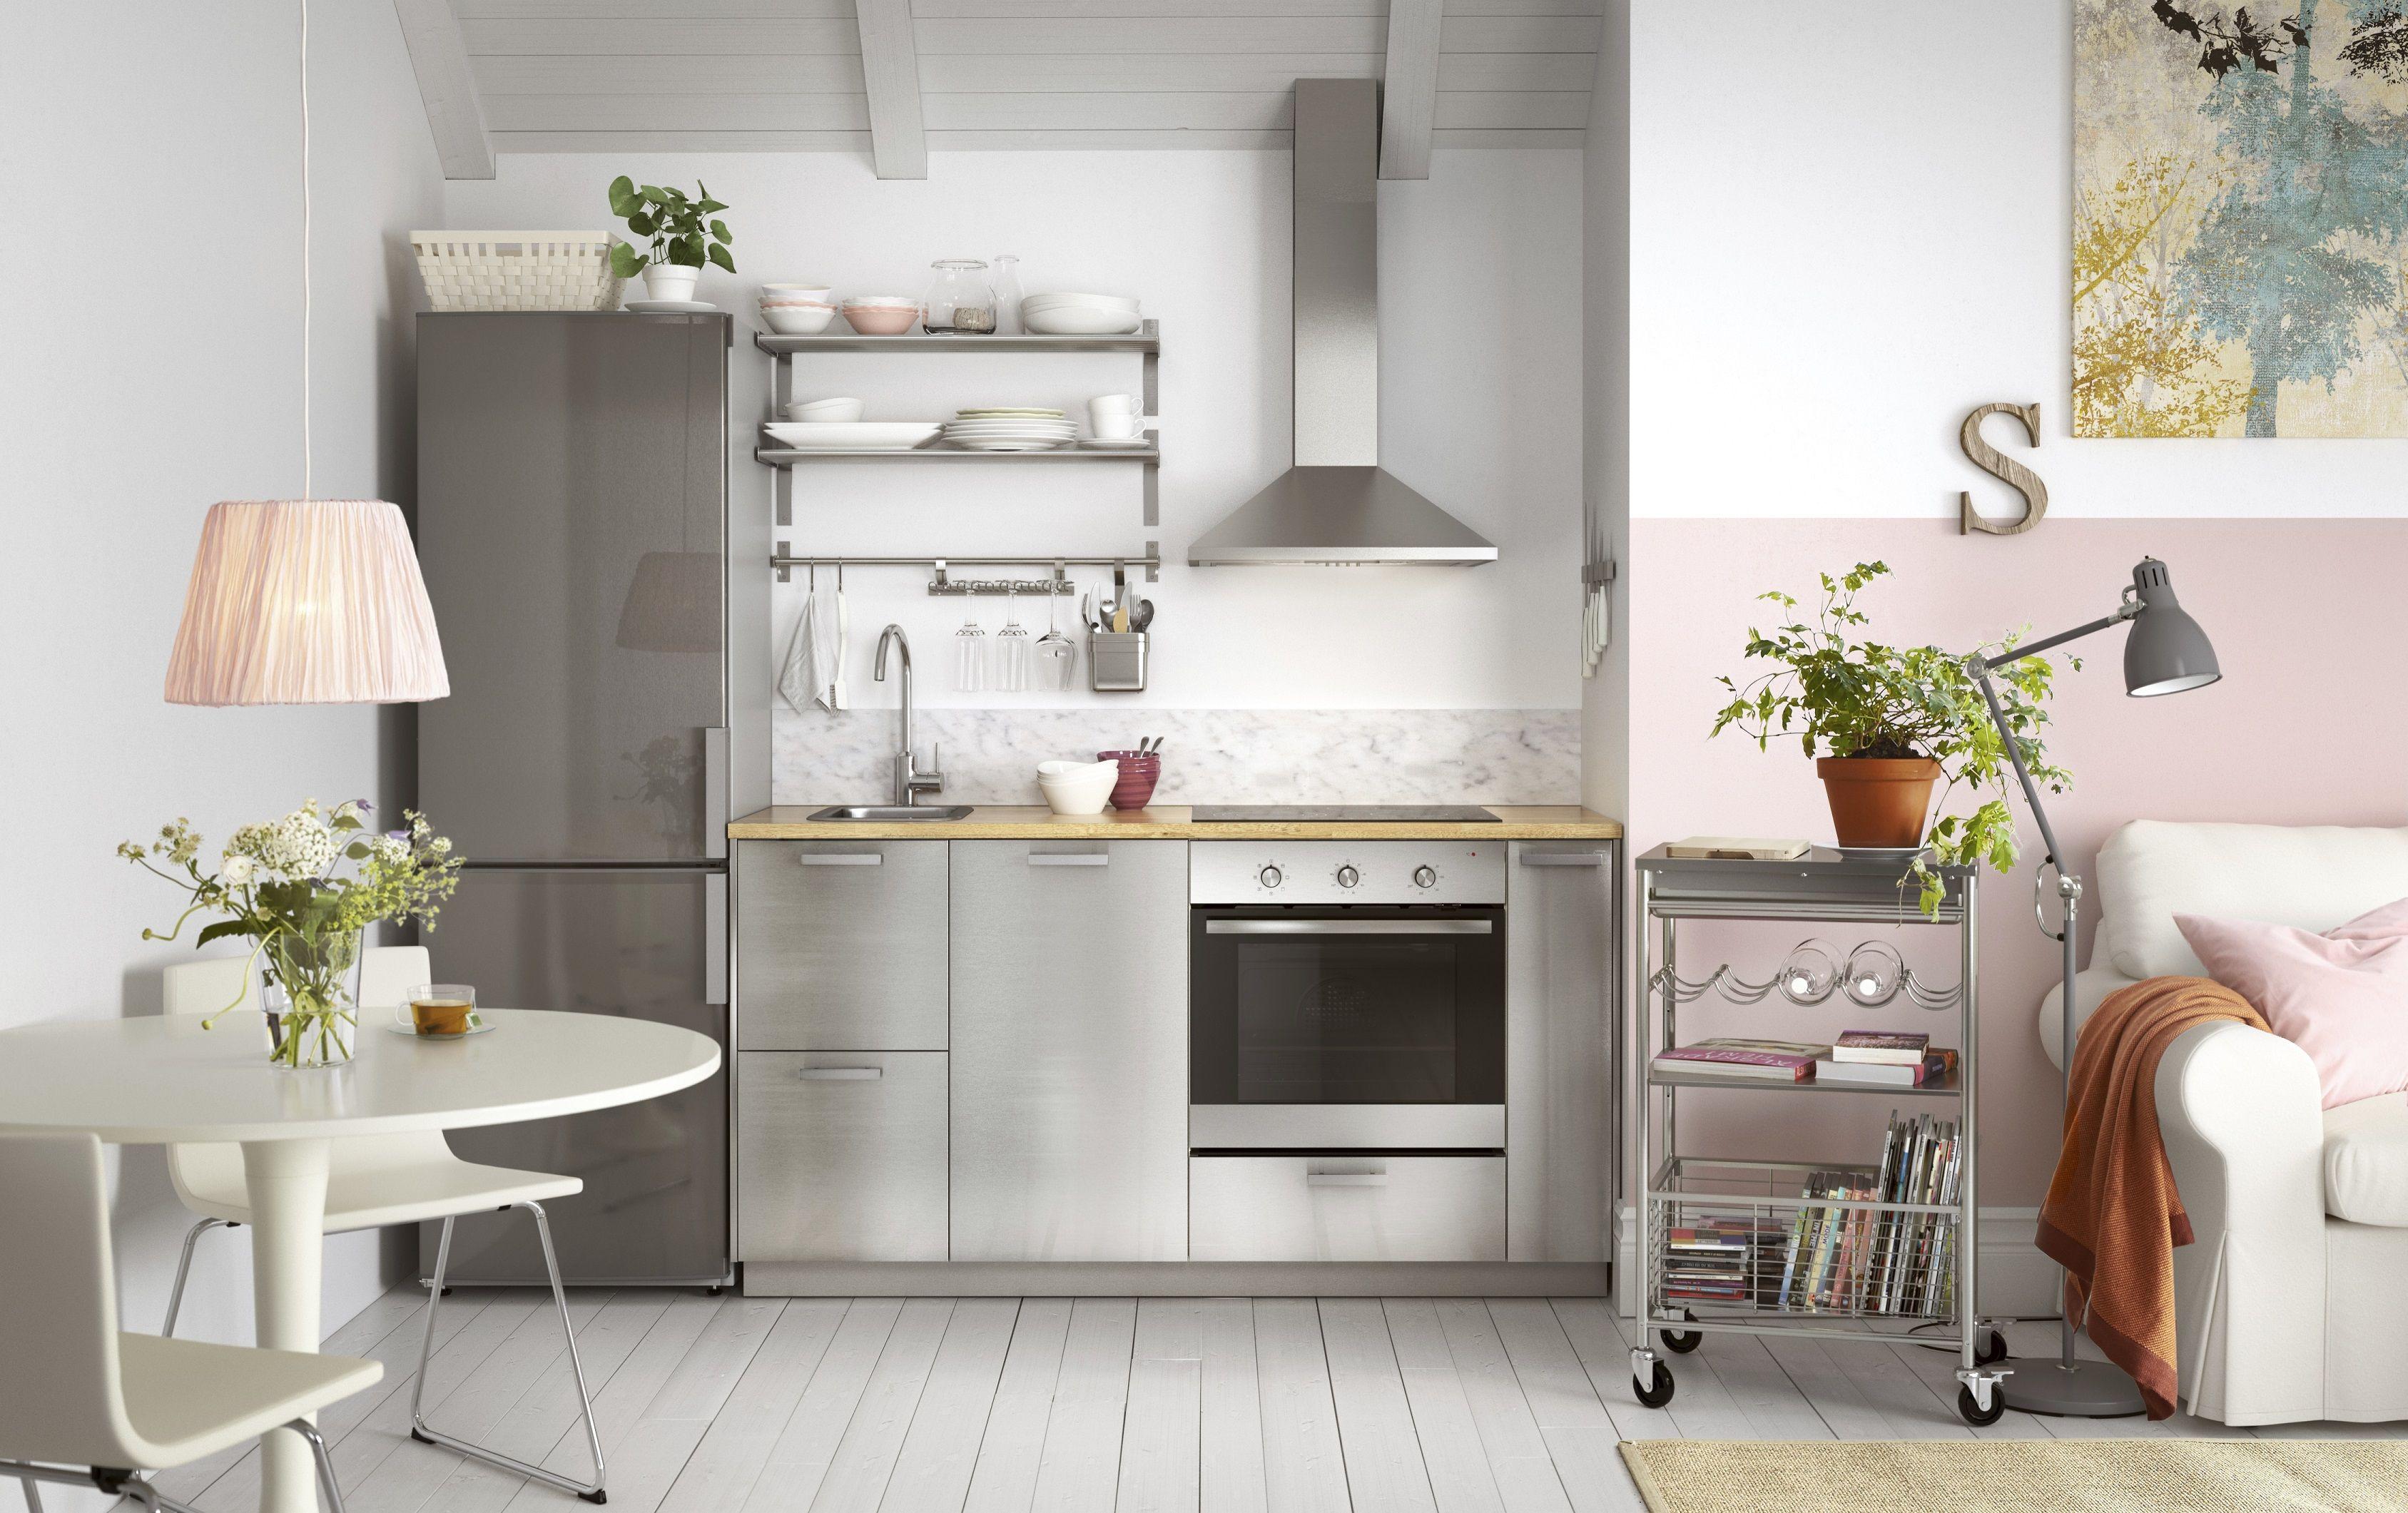 Rvs Keuken Ikea : Metod keuken ikea ikeanl rvs roze keukensysteem keukens